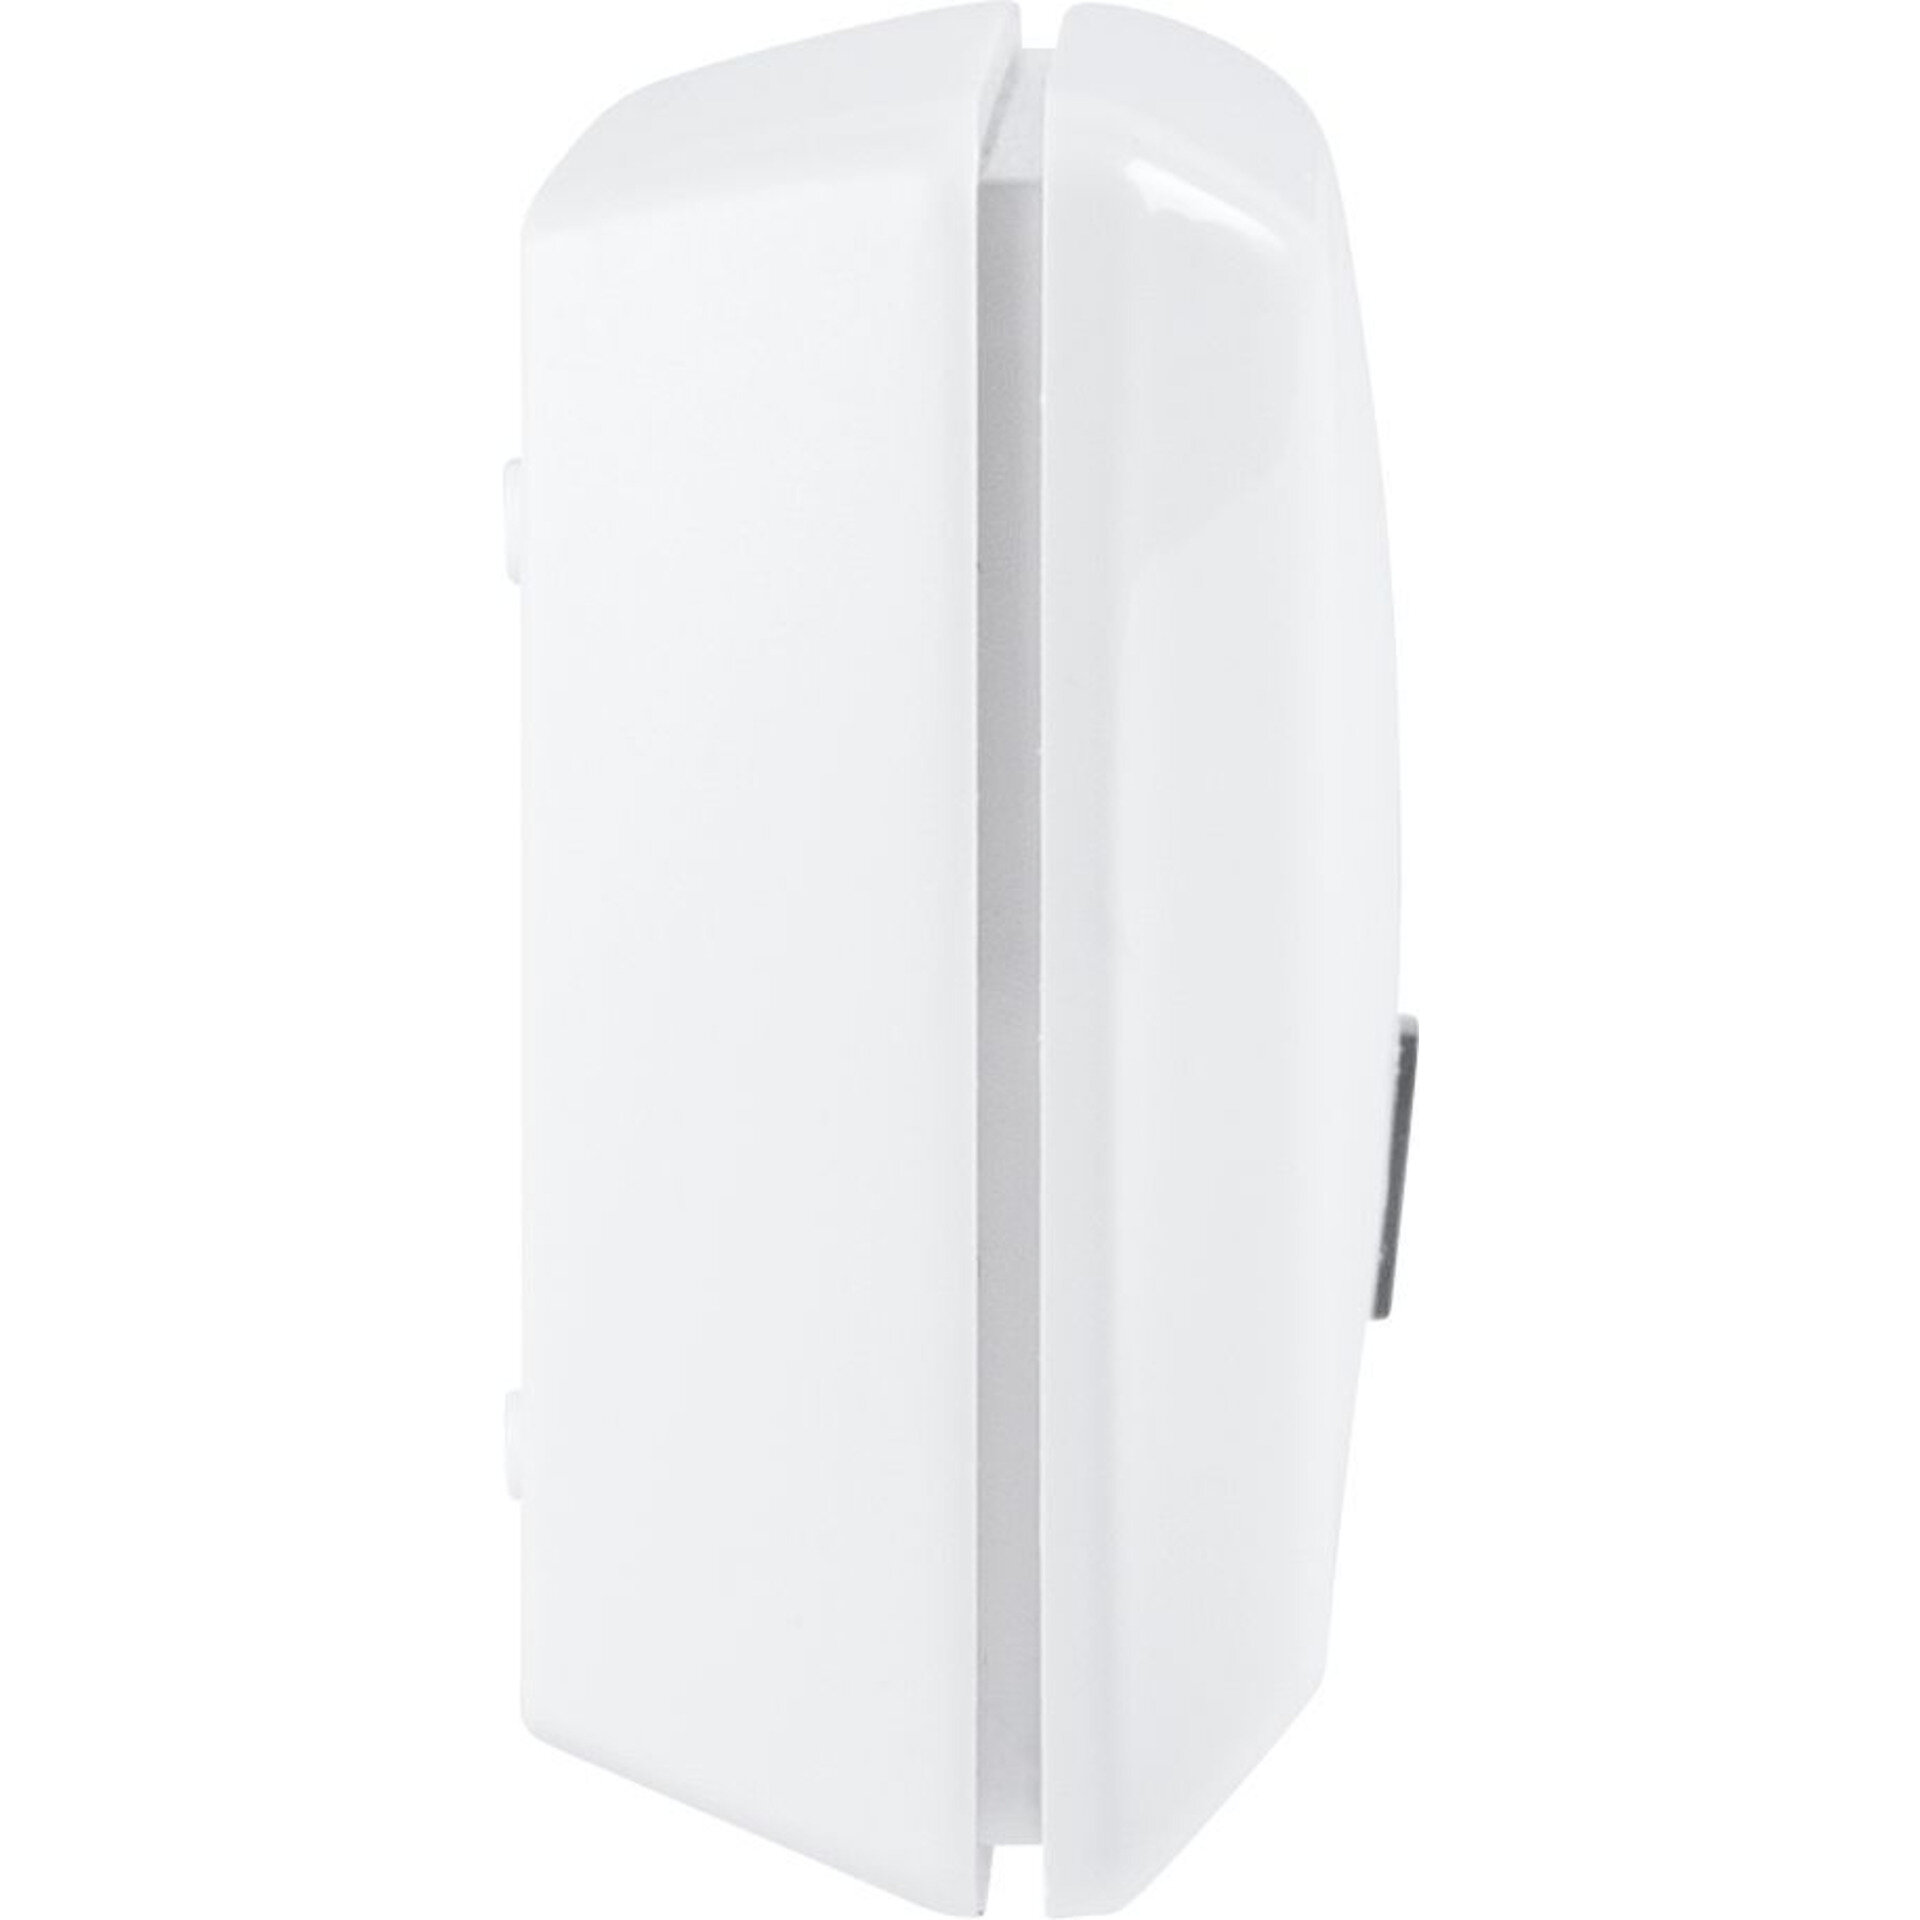 Homematic IP WLAN Access Point-Безжична Точка за достъп с WI-FI-централа на Smart Home